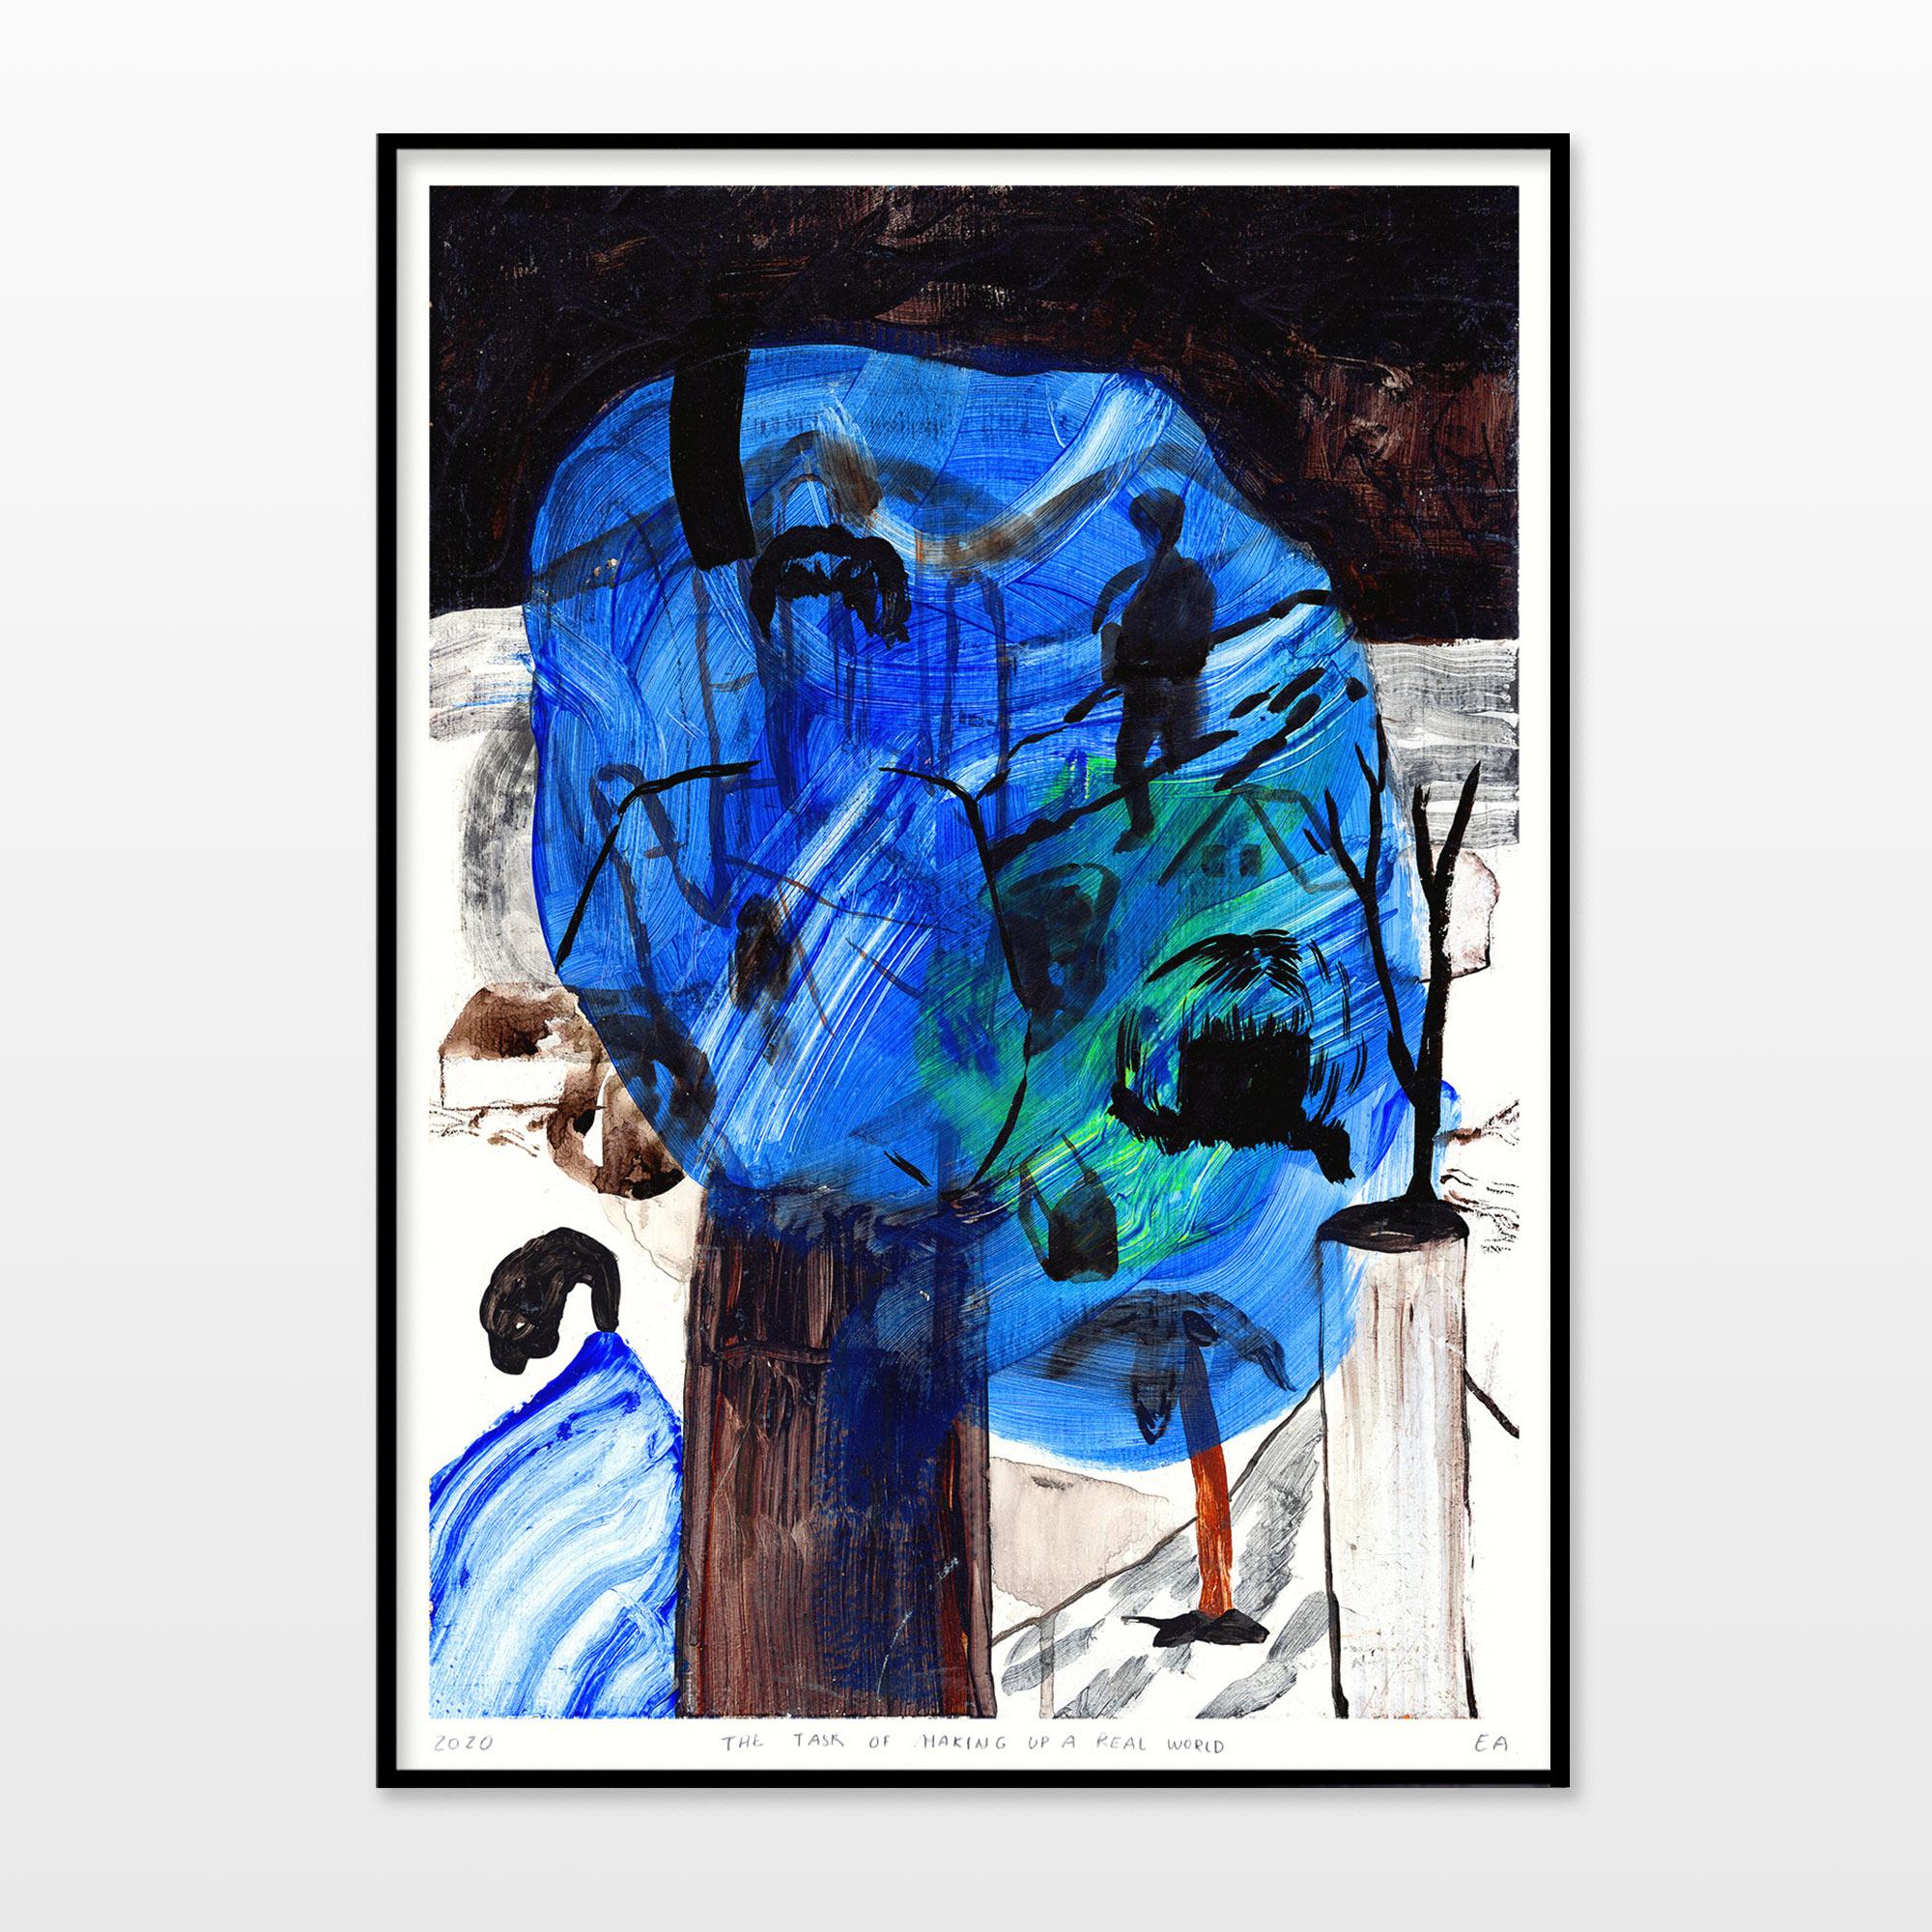 plakater-posters-kunsttryk, giclee-tryk, abstrakte, ekspressionistiske, grafiske, illustrative, landskab, dyreliv, kroppe, botanik, natur, mennesker, sorte, blå, grønne, blæk, papir, smukke, samtidskunst, dansk, dekorative, design, ansigter, interiør, bolig-indretning, moderne, moderne-kunst, nordisk, plakater, flotte, skandinavisk, træer, Køb original kunst og kunstplakater. Malerier, tegninger, limited edition kunsttryk & plakater af dygtige kunstnere.